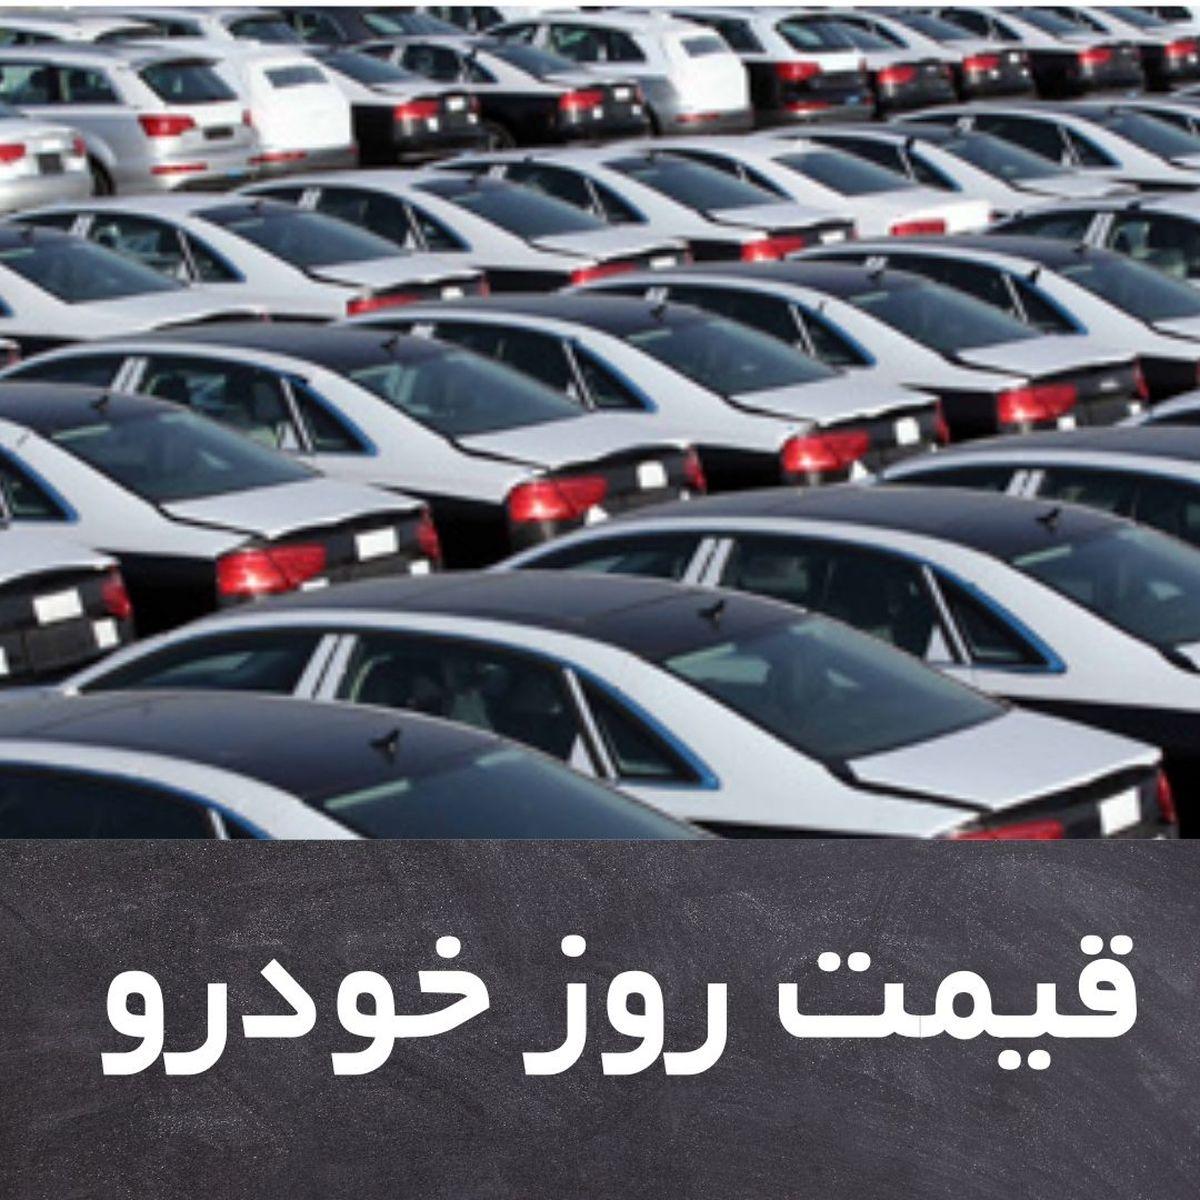 قیمت روز خودرو شنبه 18 بهمن + جدول